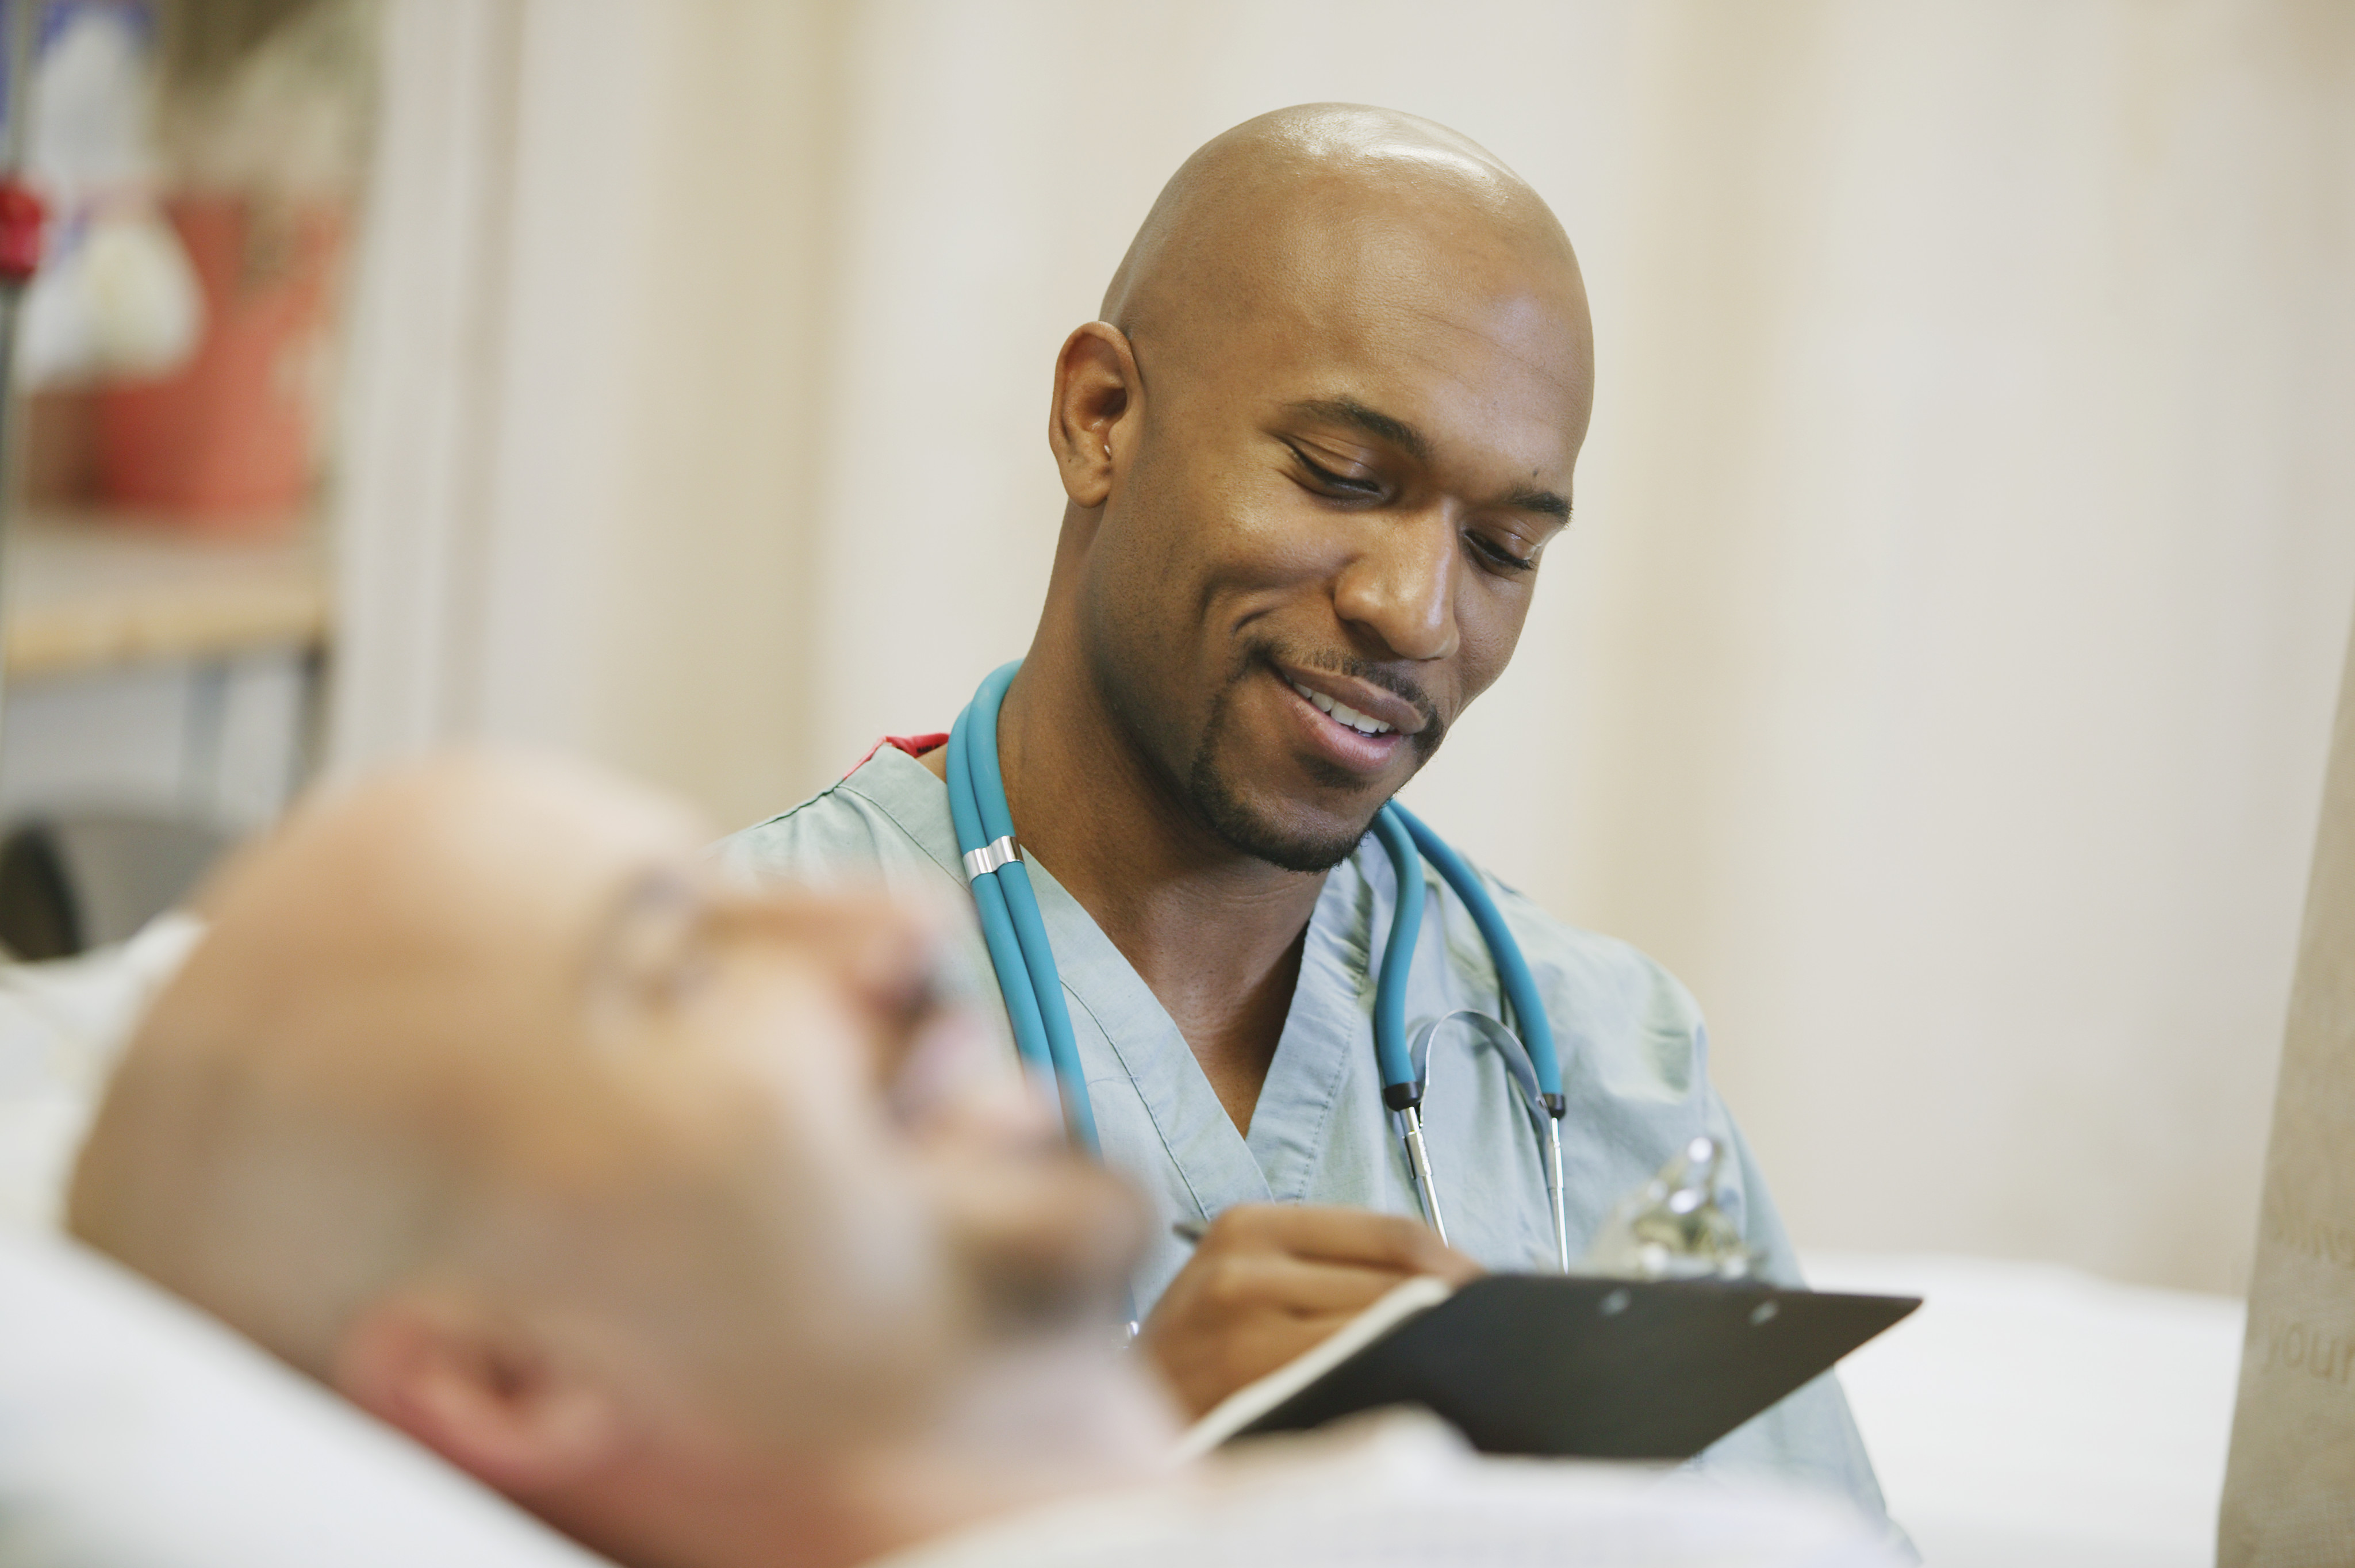 Kjernejournal er utviklet av Helsedirektoratet og følger myndighetenes krav til sikkerhet og personvern.